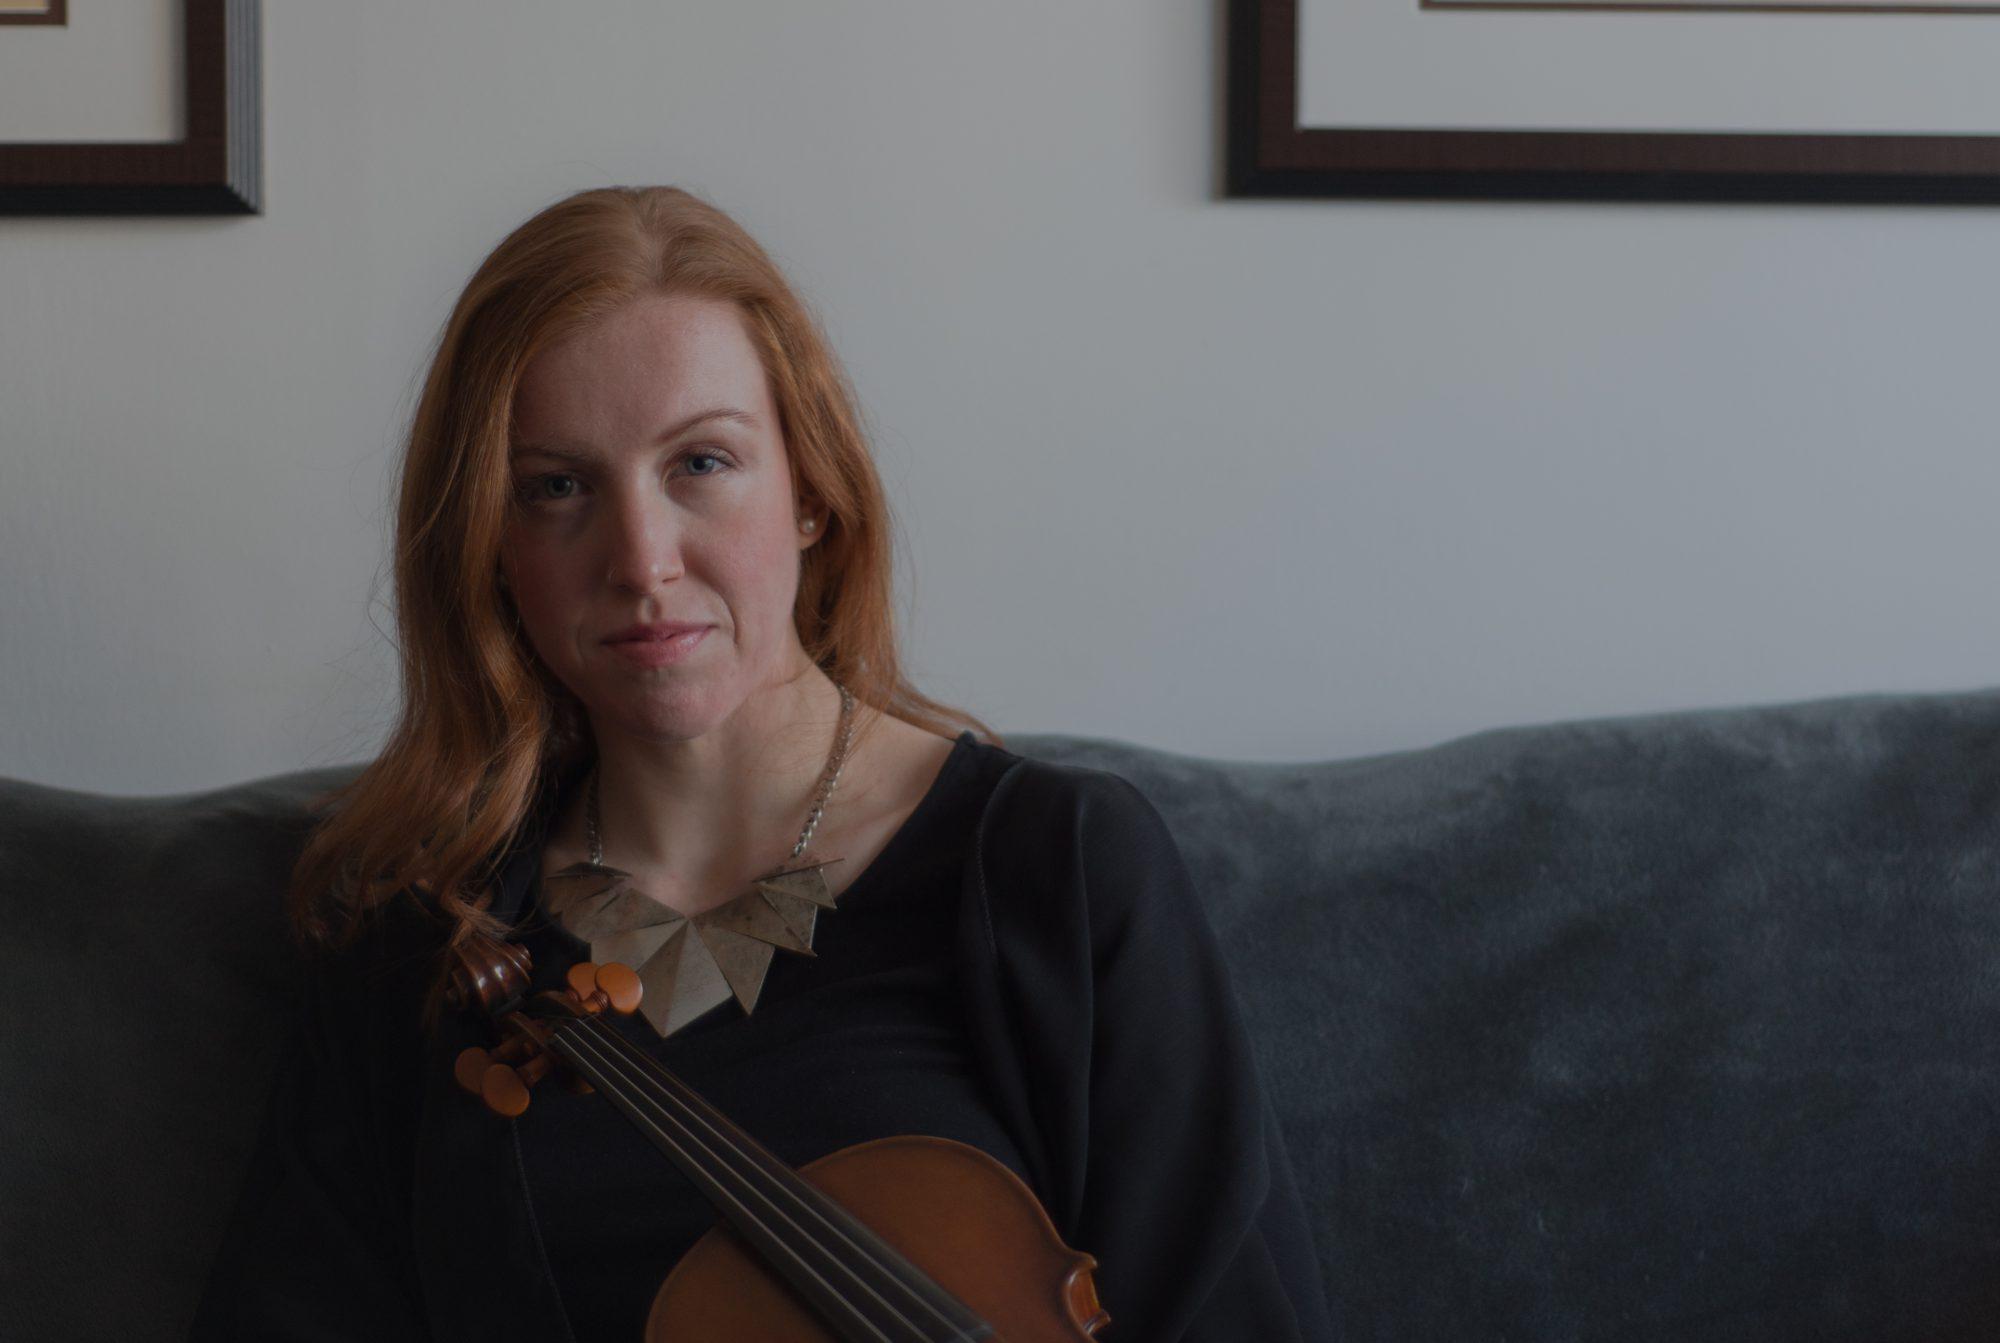 Sarah Murley